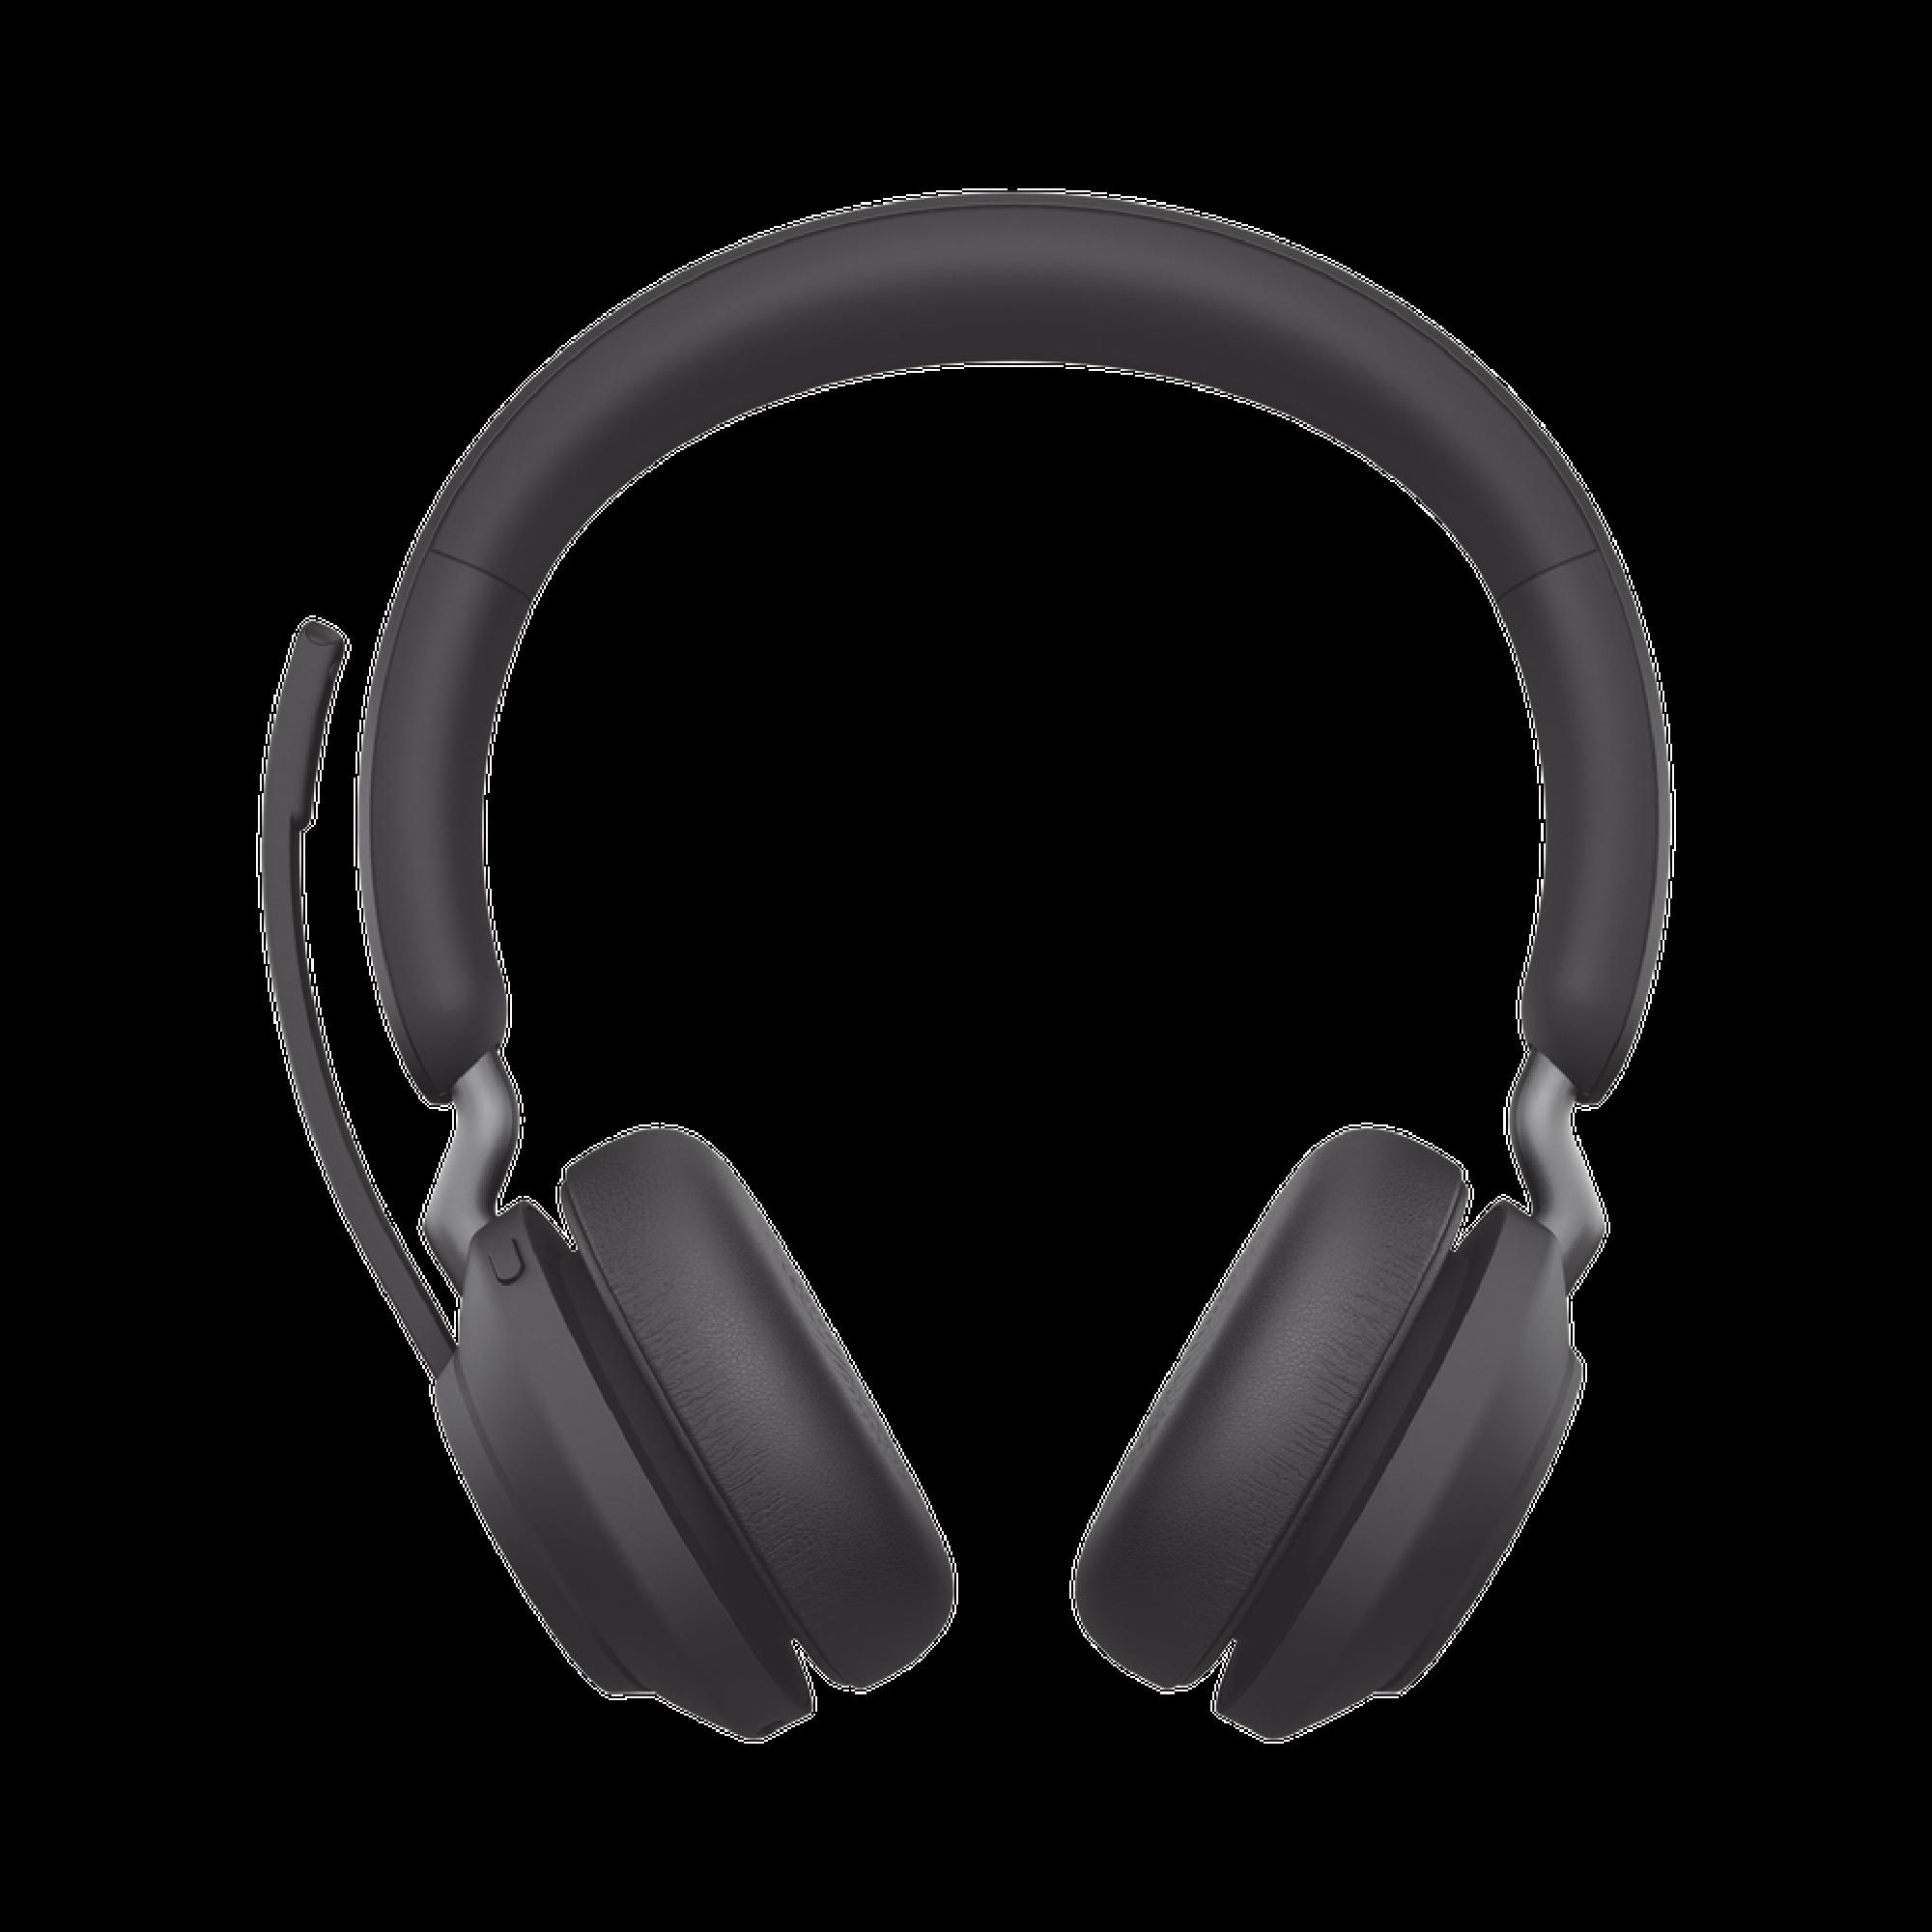 Jabra Evolve2 65, Auricular stereo versión UC con aislamiento de ruido activa, dongle USB-A indicador de ocupado (Busylight) (26599-989-999)